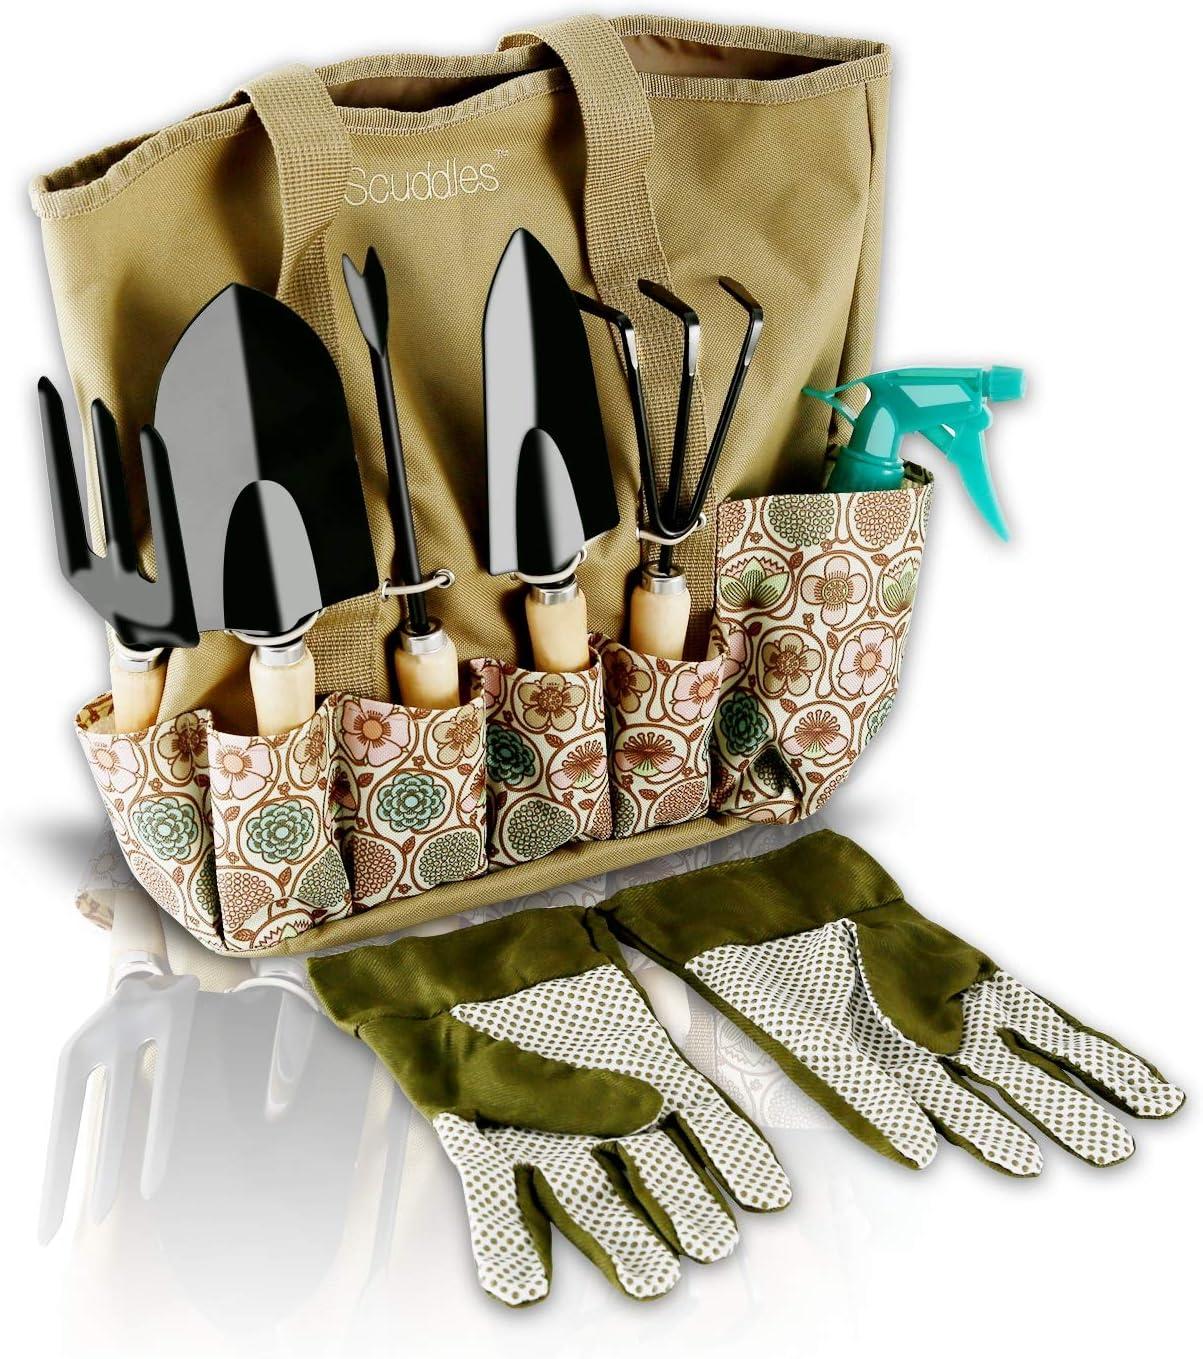 Scuddles Garden Tools Set – 8 Piece Heavy Duty Gardening tools With Storage Organizer, Ergonomic Hand Digging Weeder, Rake, Shovel, Trowel, Sprayer, Gloves Gift for Men Women